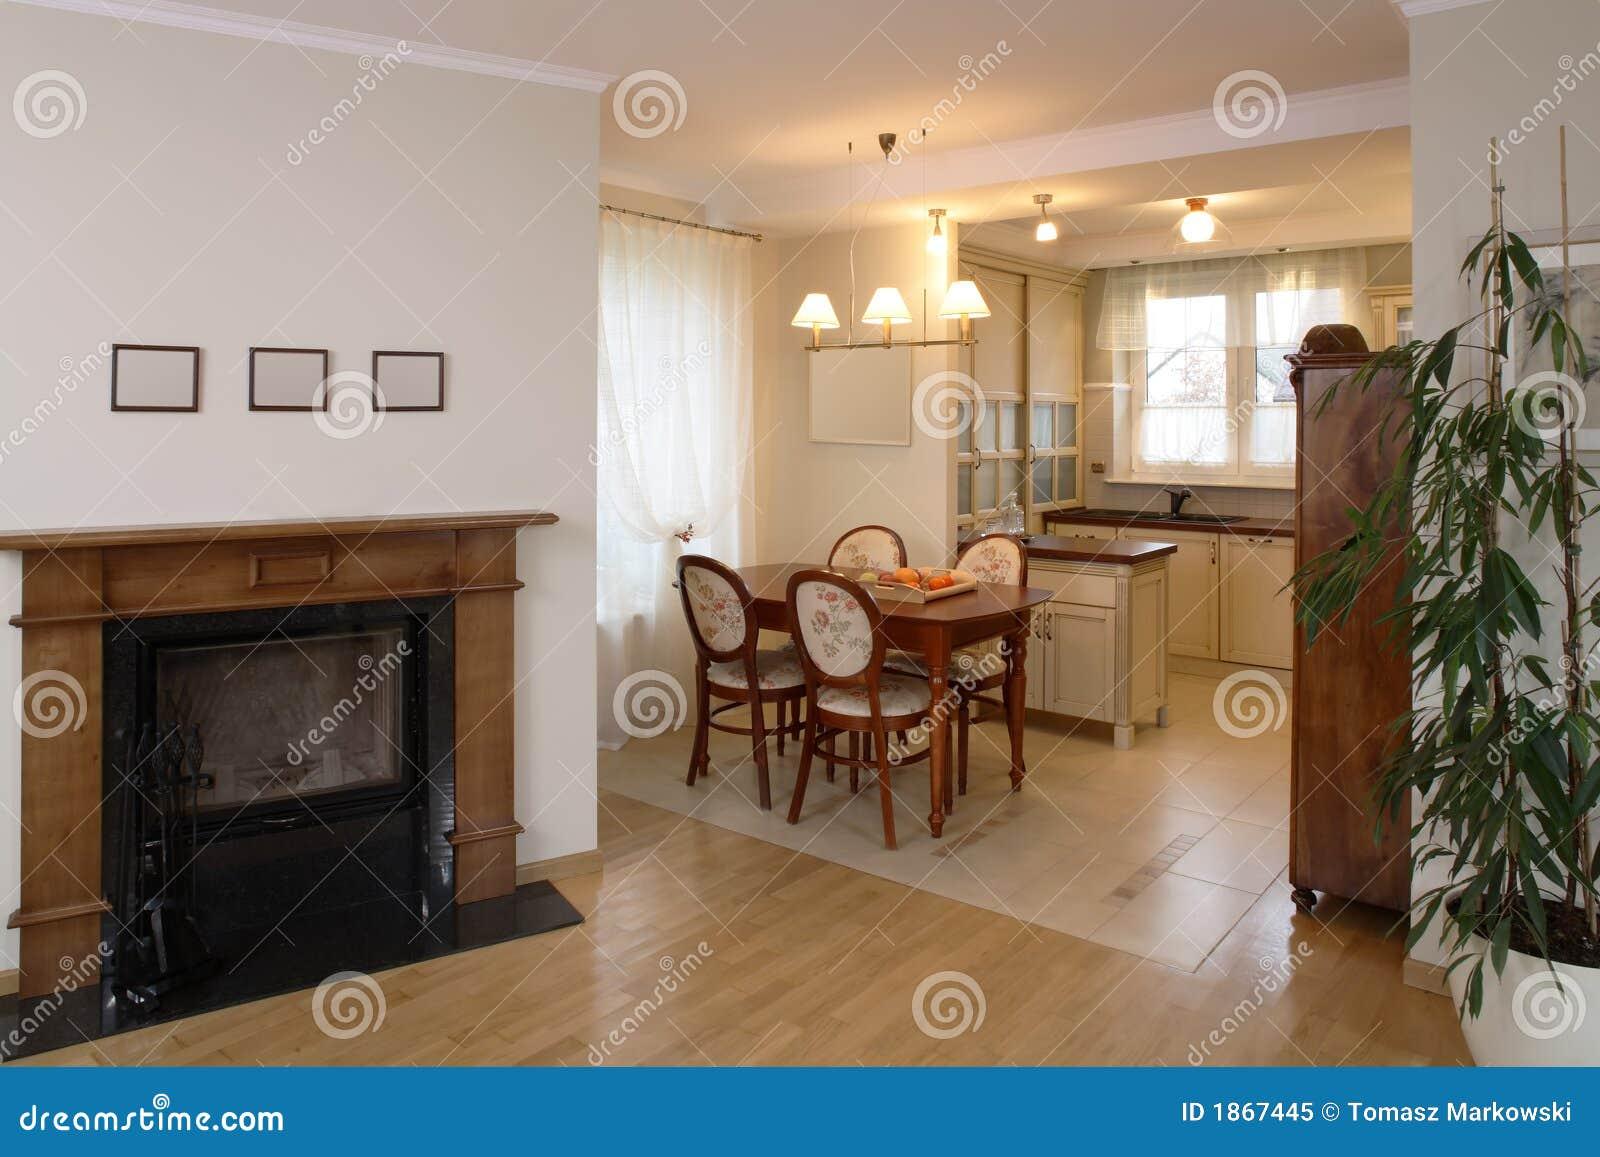 Sala de estar y cocina cl sicas foto de archivo libre de for Sala de estar estancia cocina abierta